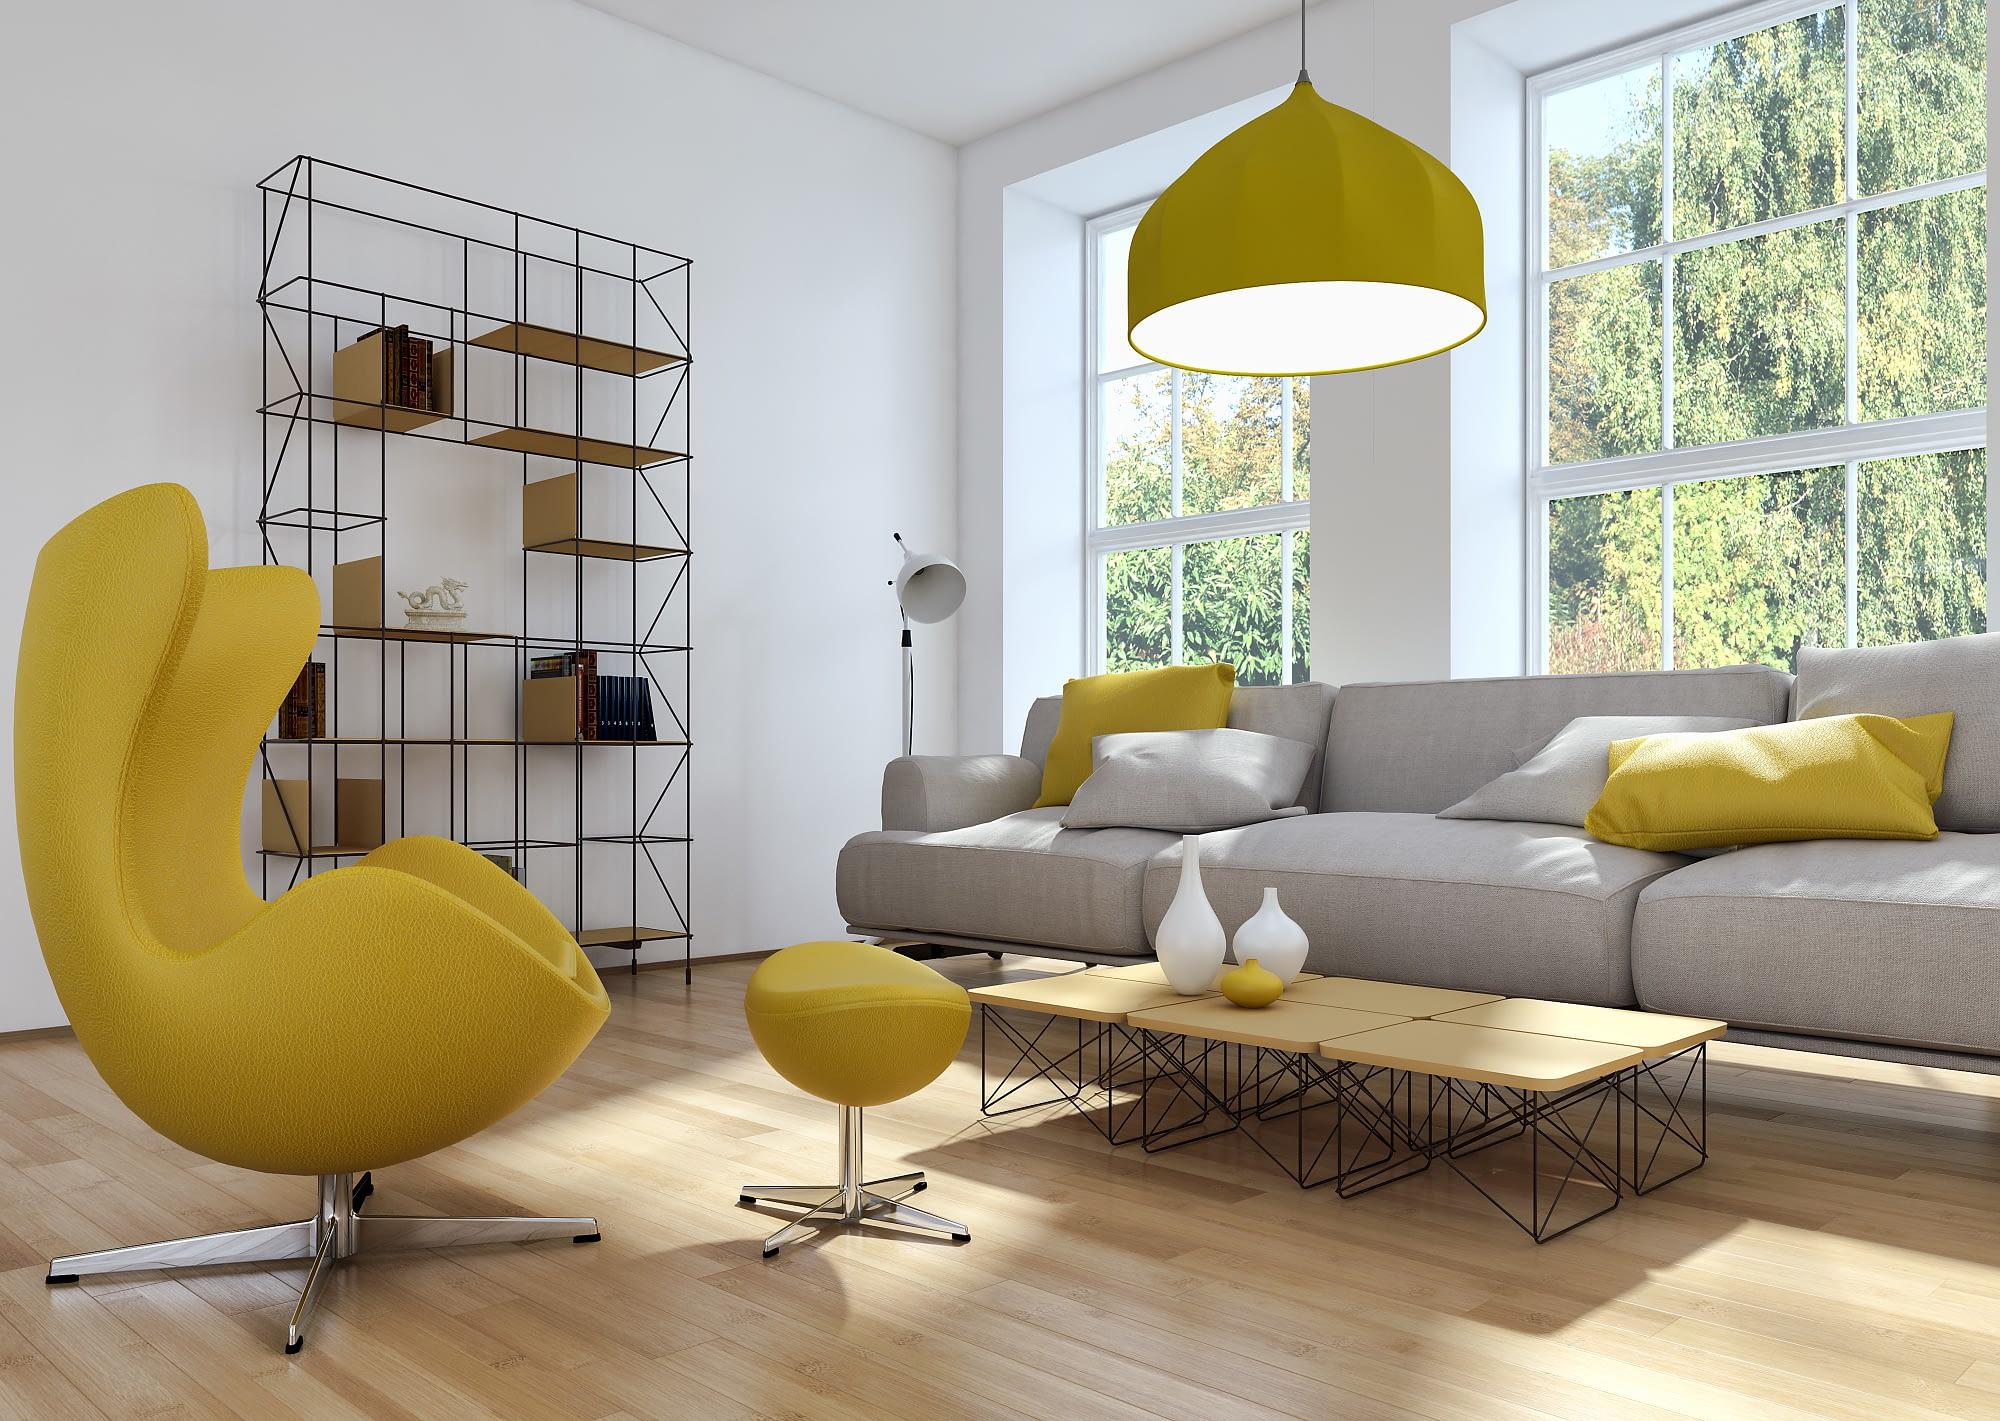 Salon gris et jaune, matériaux bois et métal. Salon alliant les formes modernes et la rondeur avec des éléments filaires pour alléger la composition. Cette photo est représentative d'un style pouvant être fourni par votre architecte d'intérieur, Interior CréaCap dans le Gers